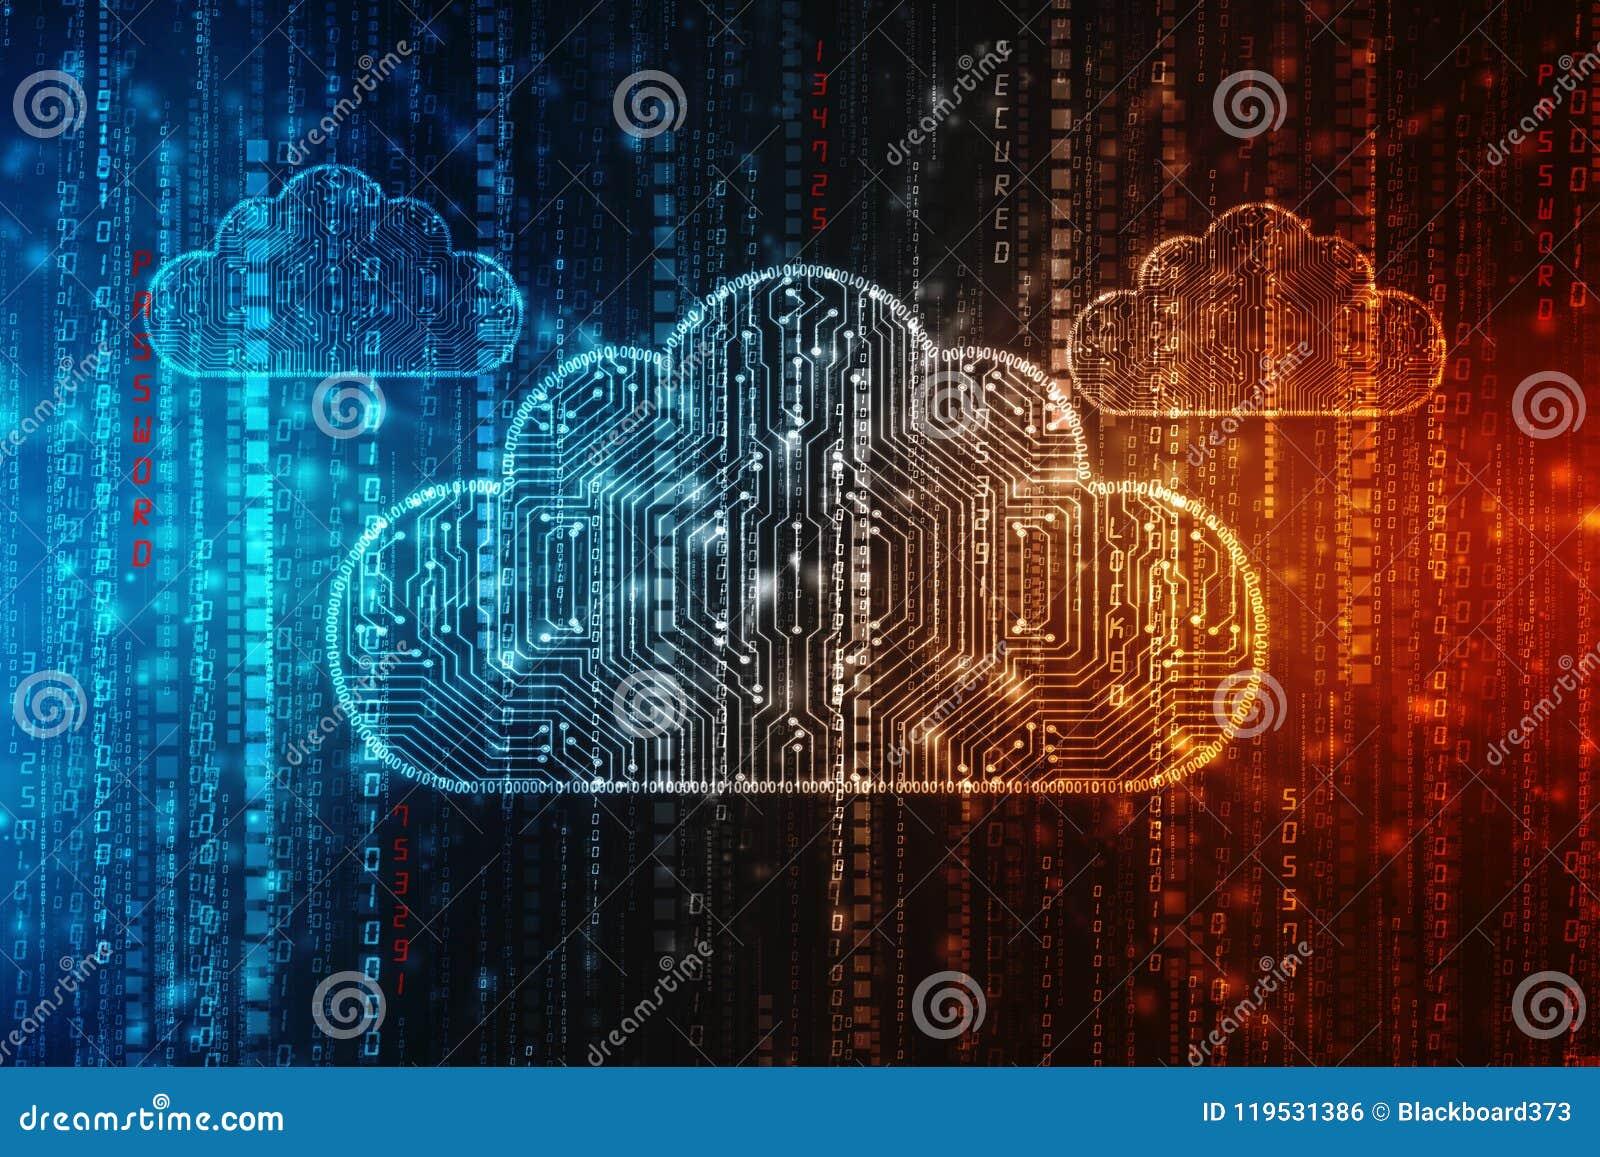 2$ο σύννεφο απόδοσης που υπολογίζει, έννοια υπολογισμού σύννεφων